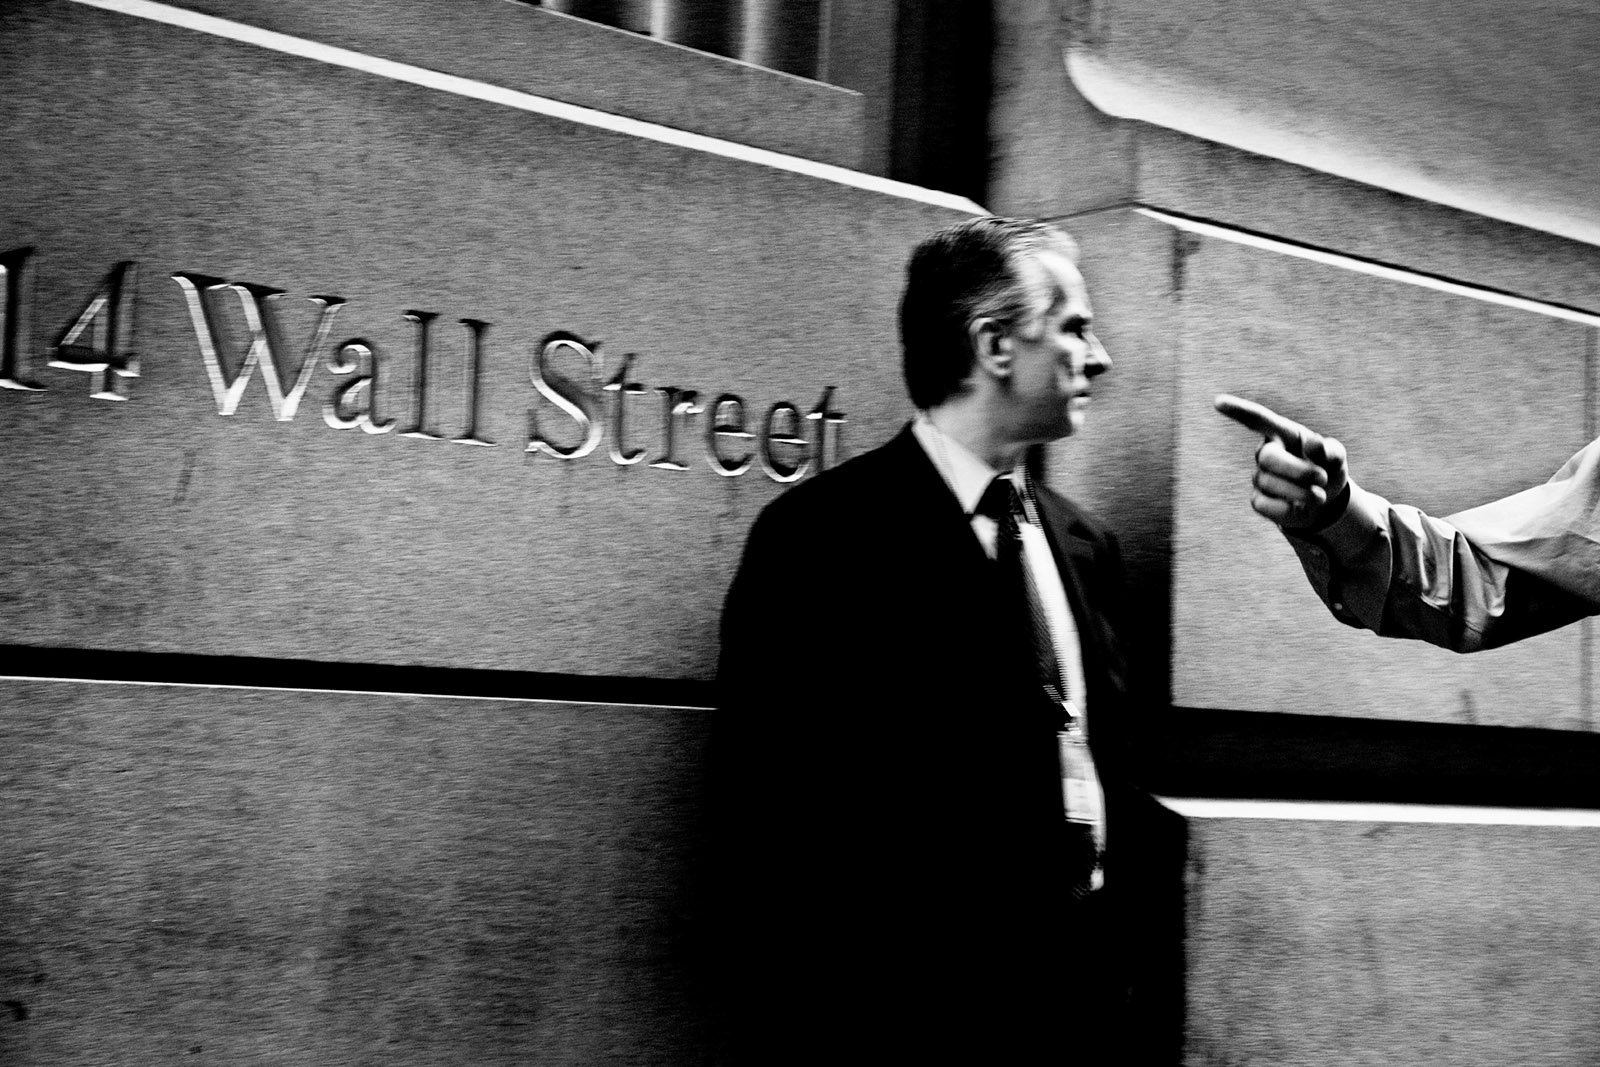 Wall Street, 2008